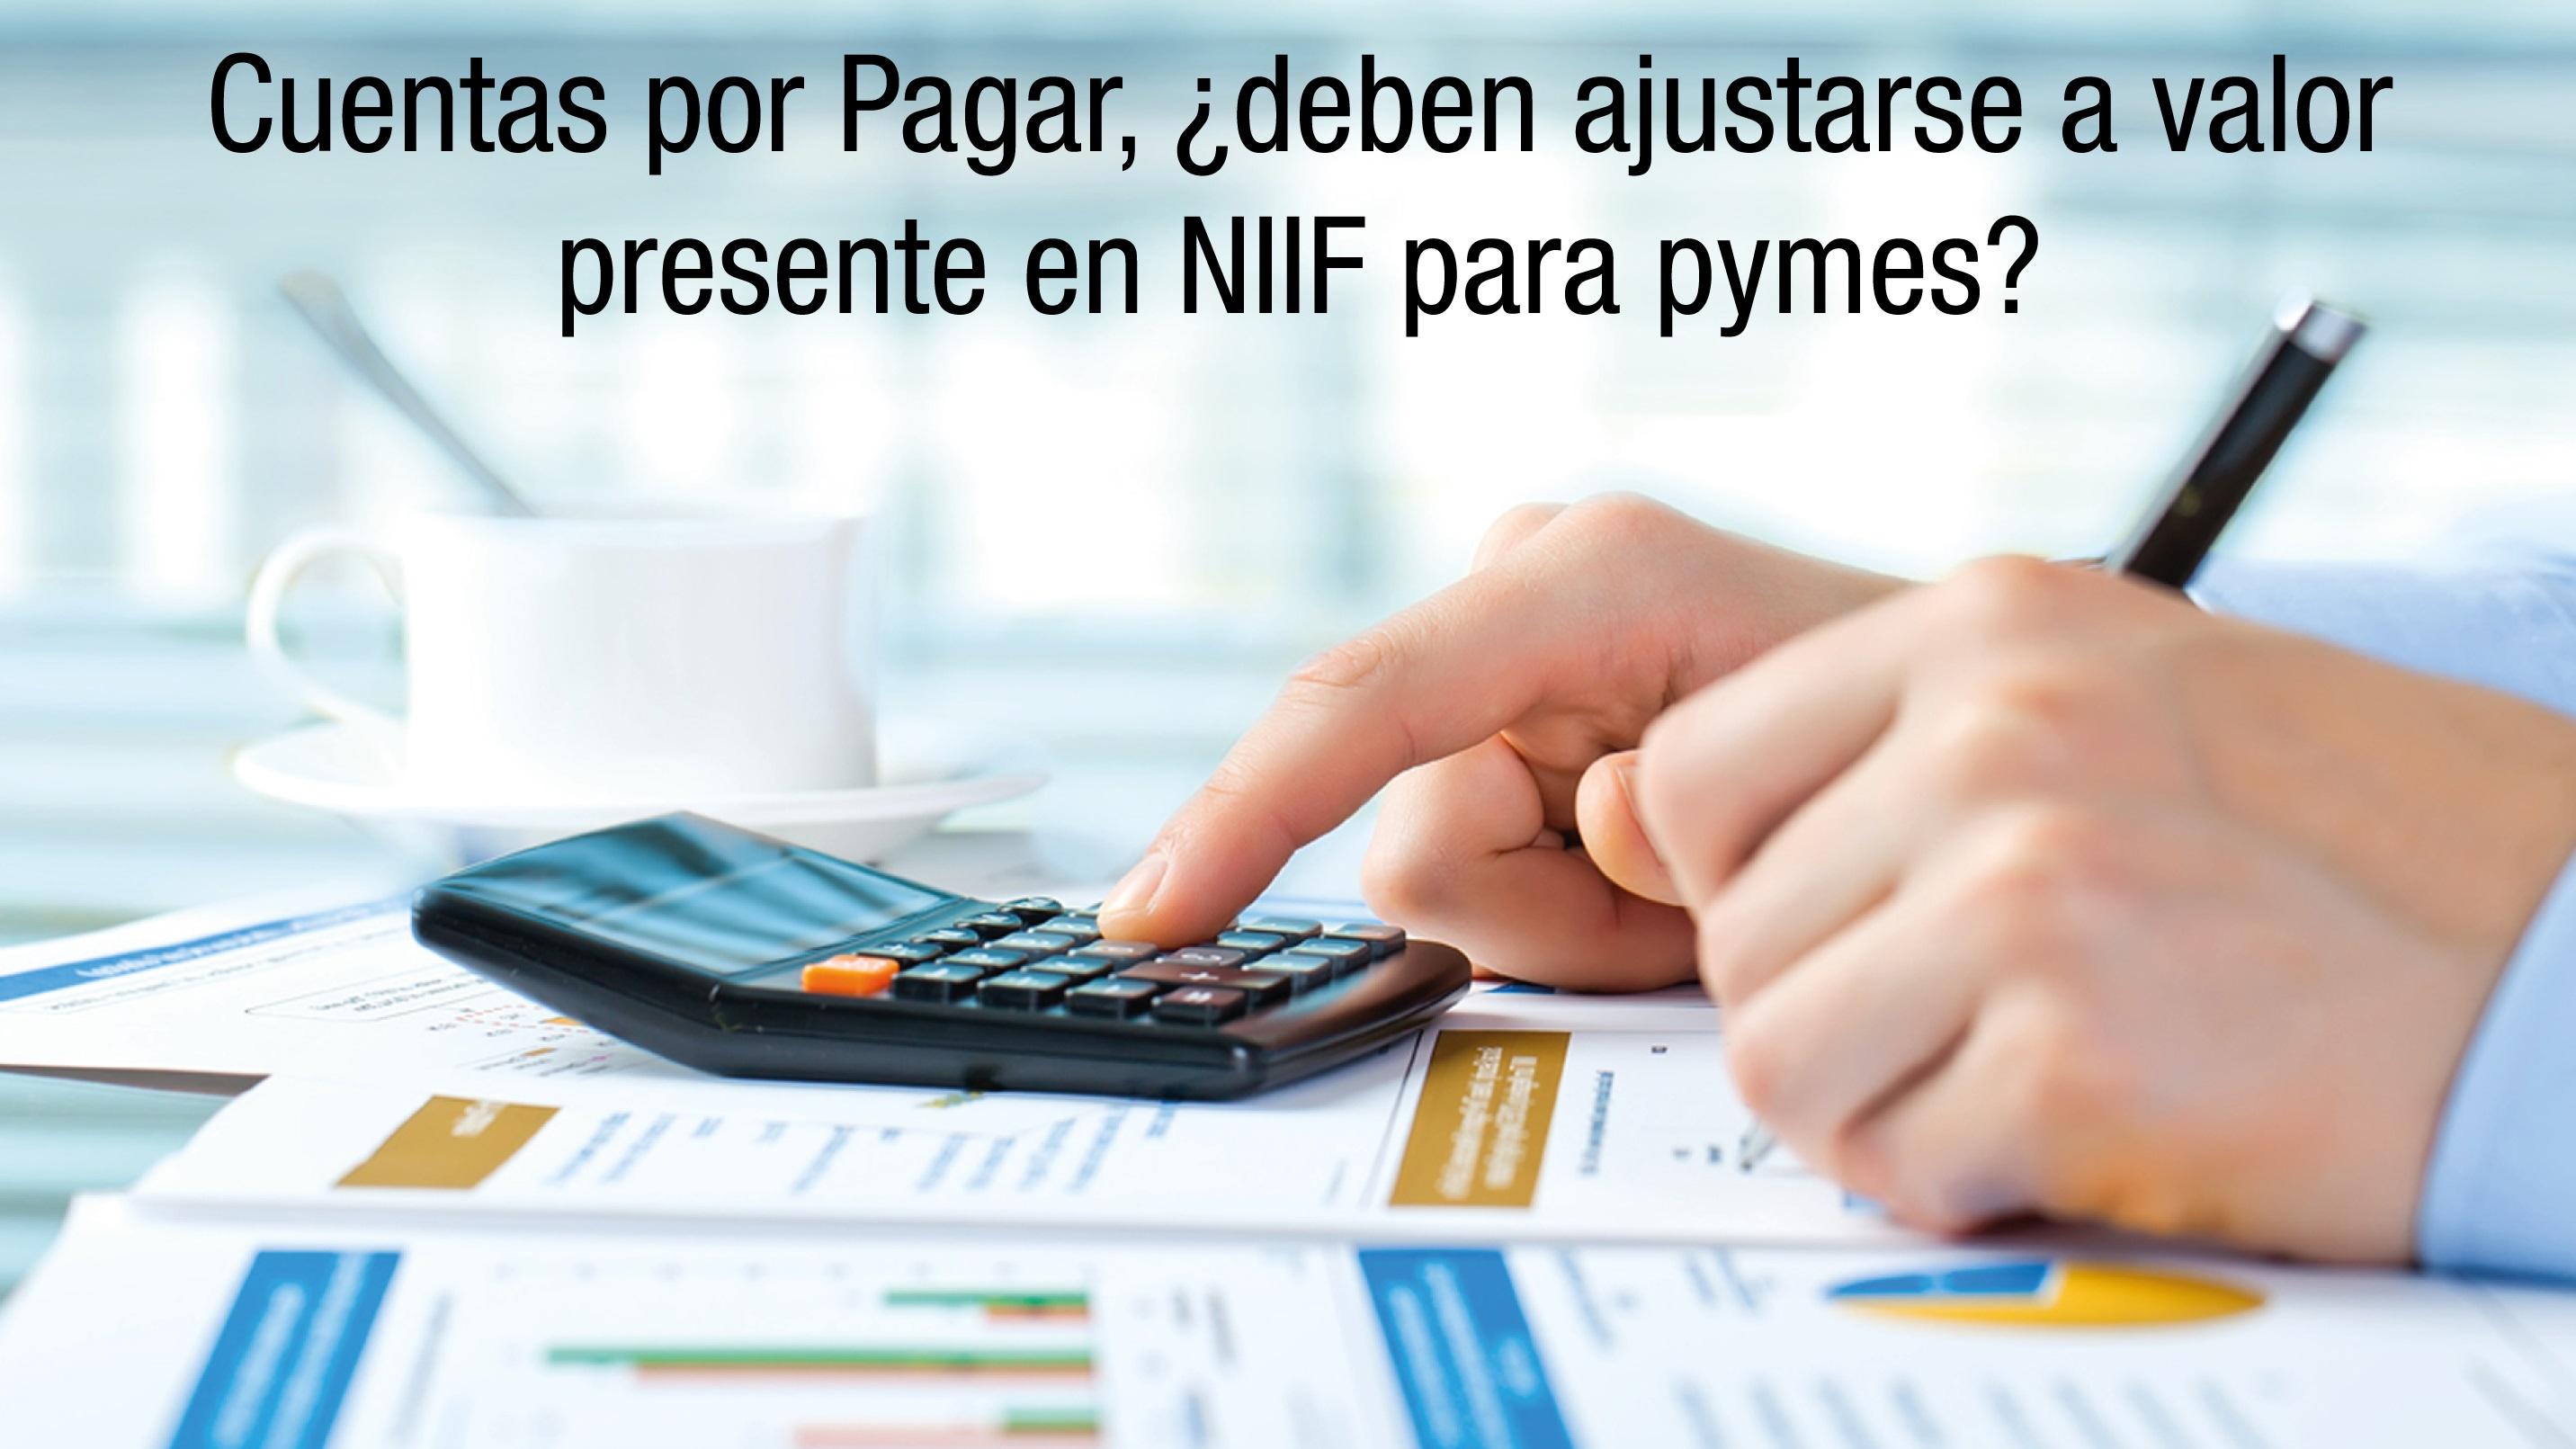 Cuentas por Pagar, ¿deben ajustarse a valor presente en NIIF para ...